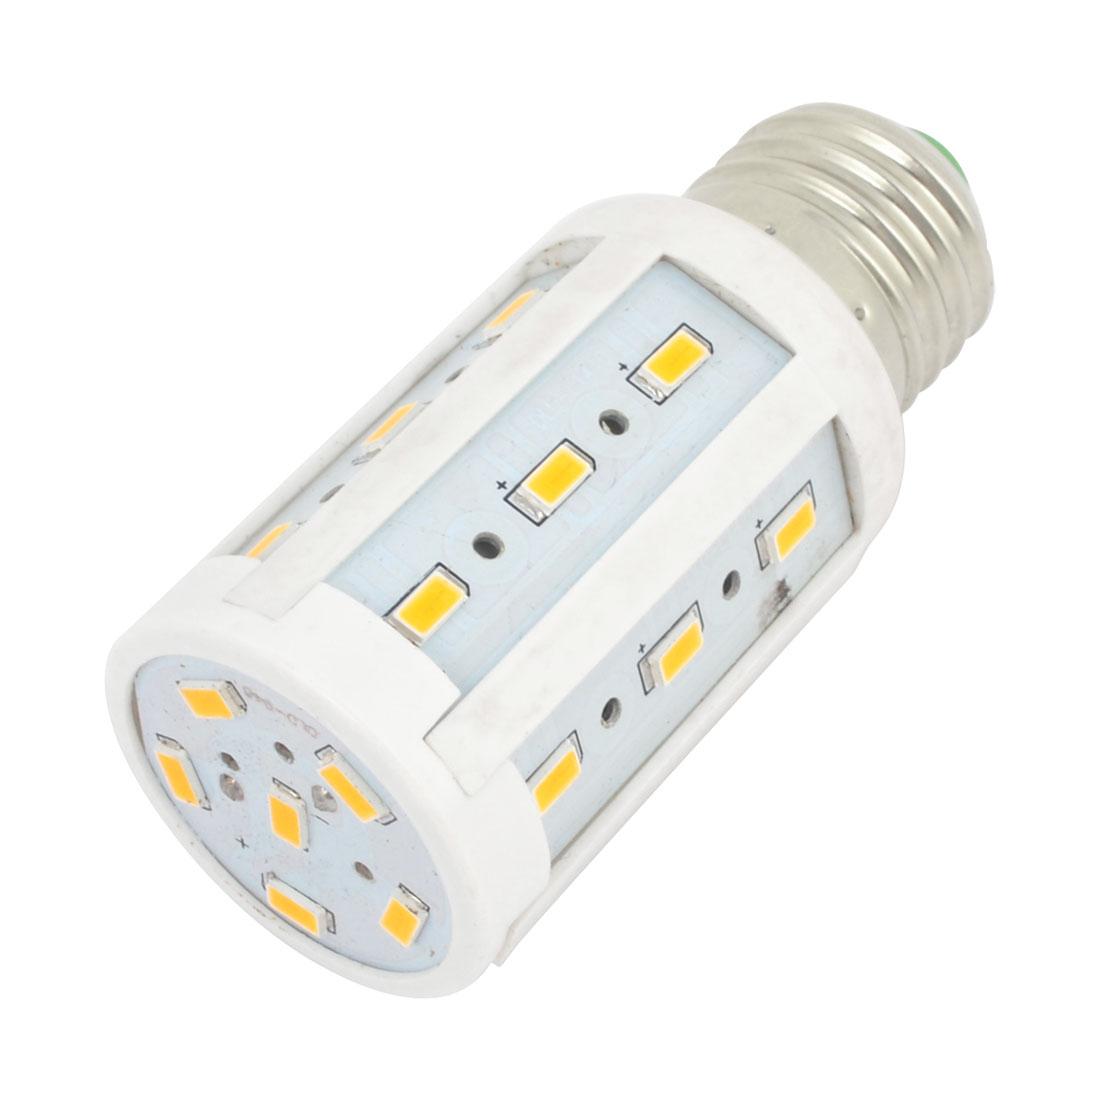 E27 AC200-240V 600LM 24 LEDs SMD 5630 Warm White LED Corn Light Bulb